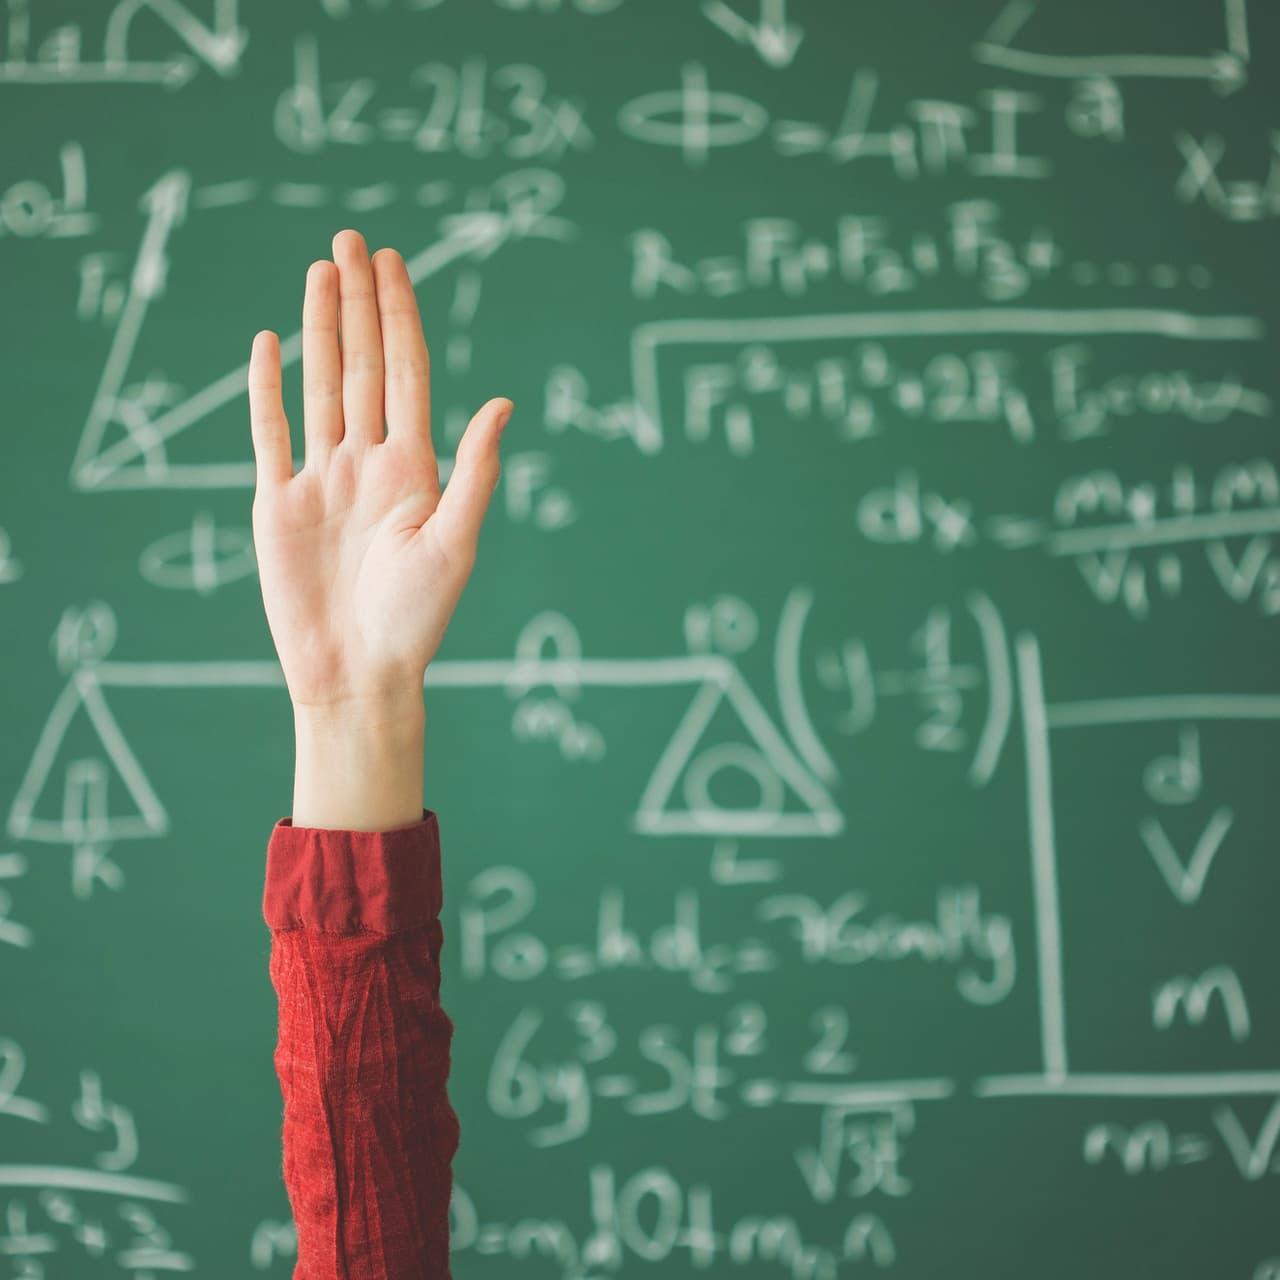 【新内閣下でどうなる?】「少人数学級」曖昧な目的と実現への課題